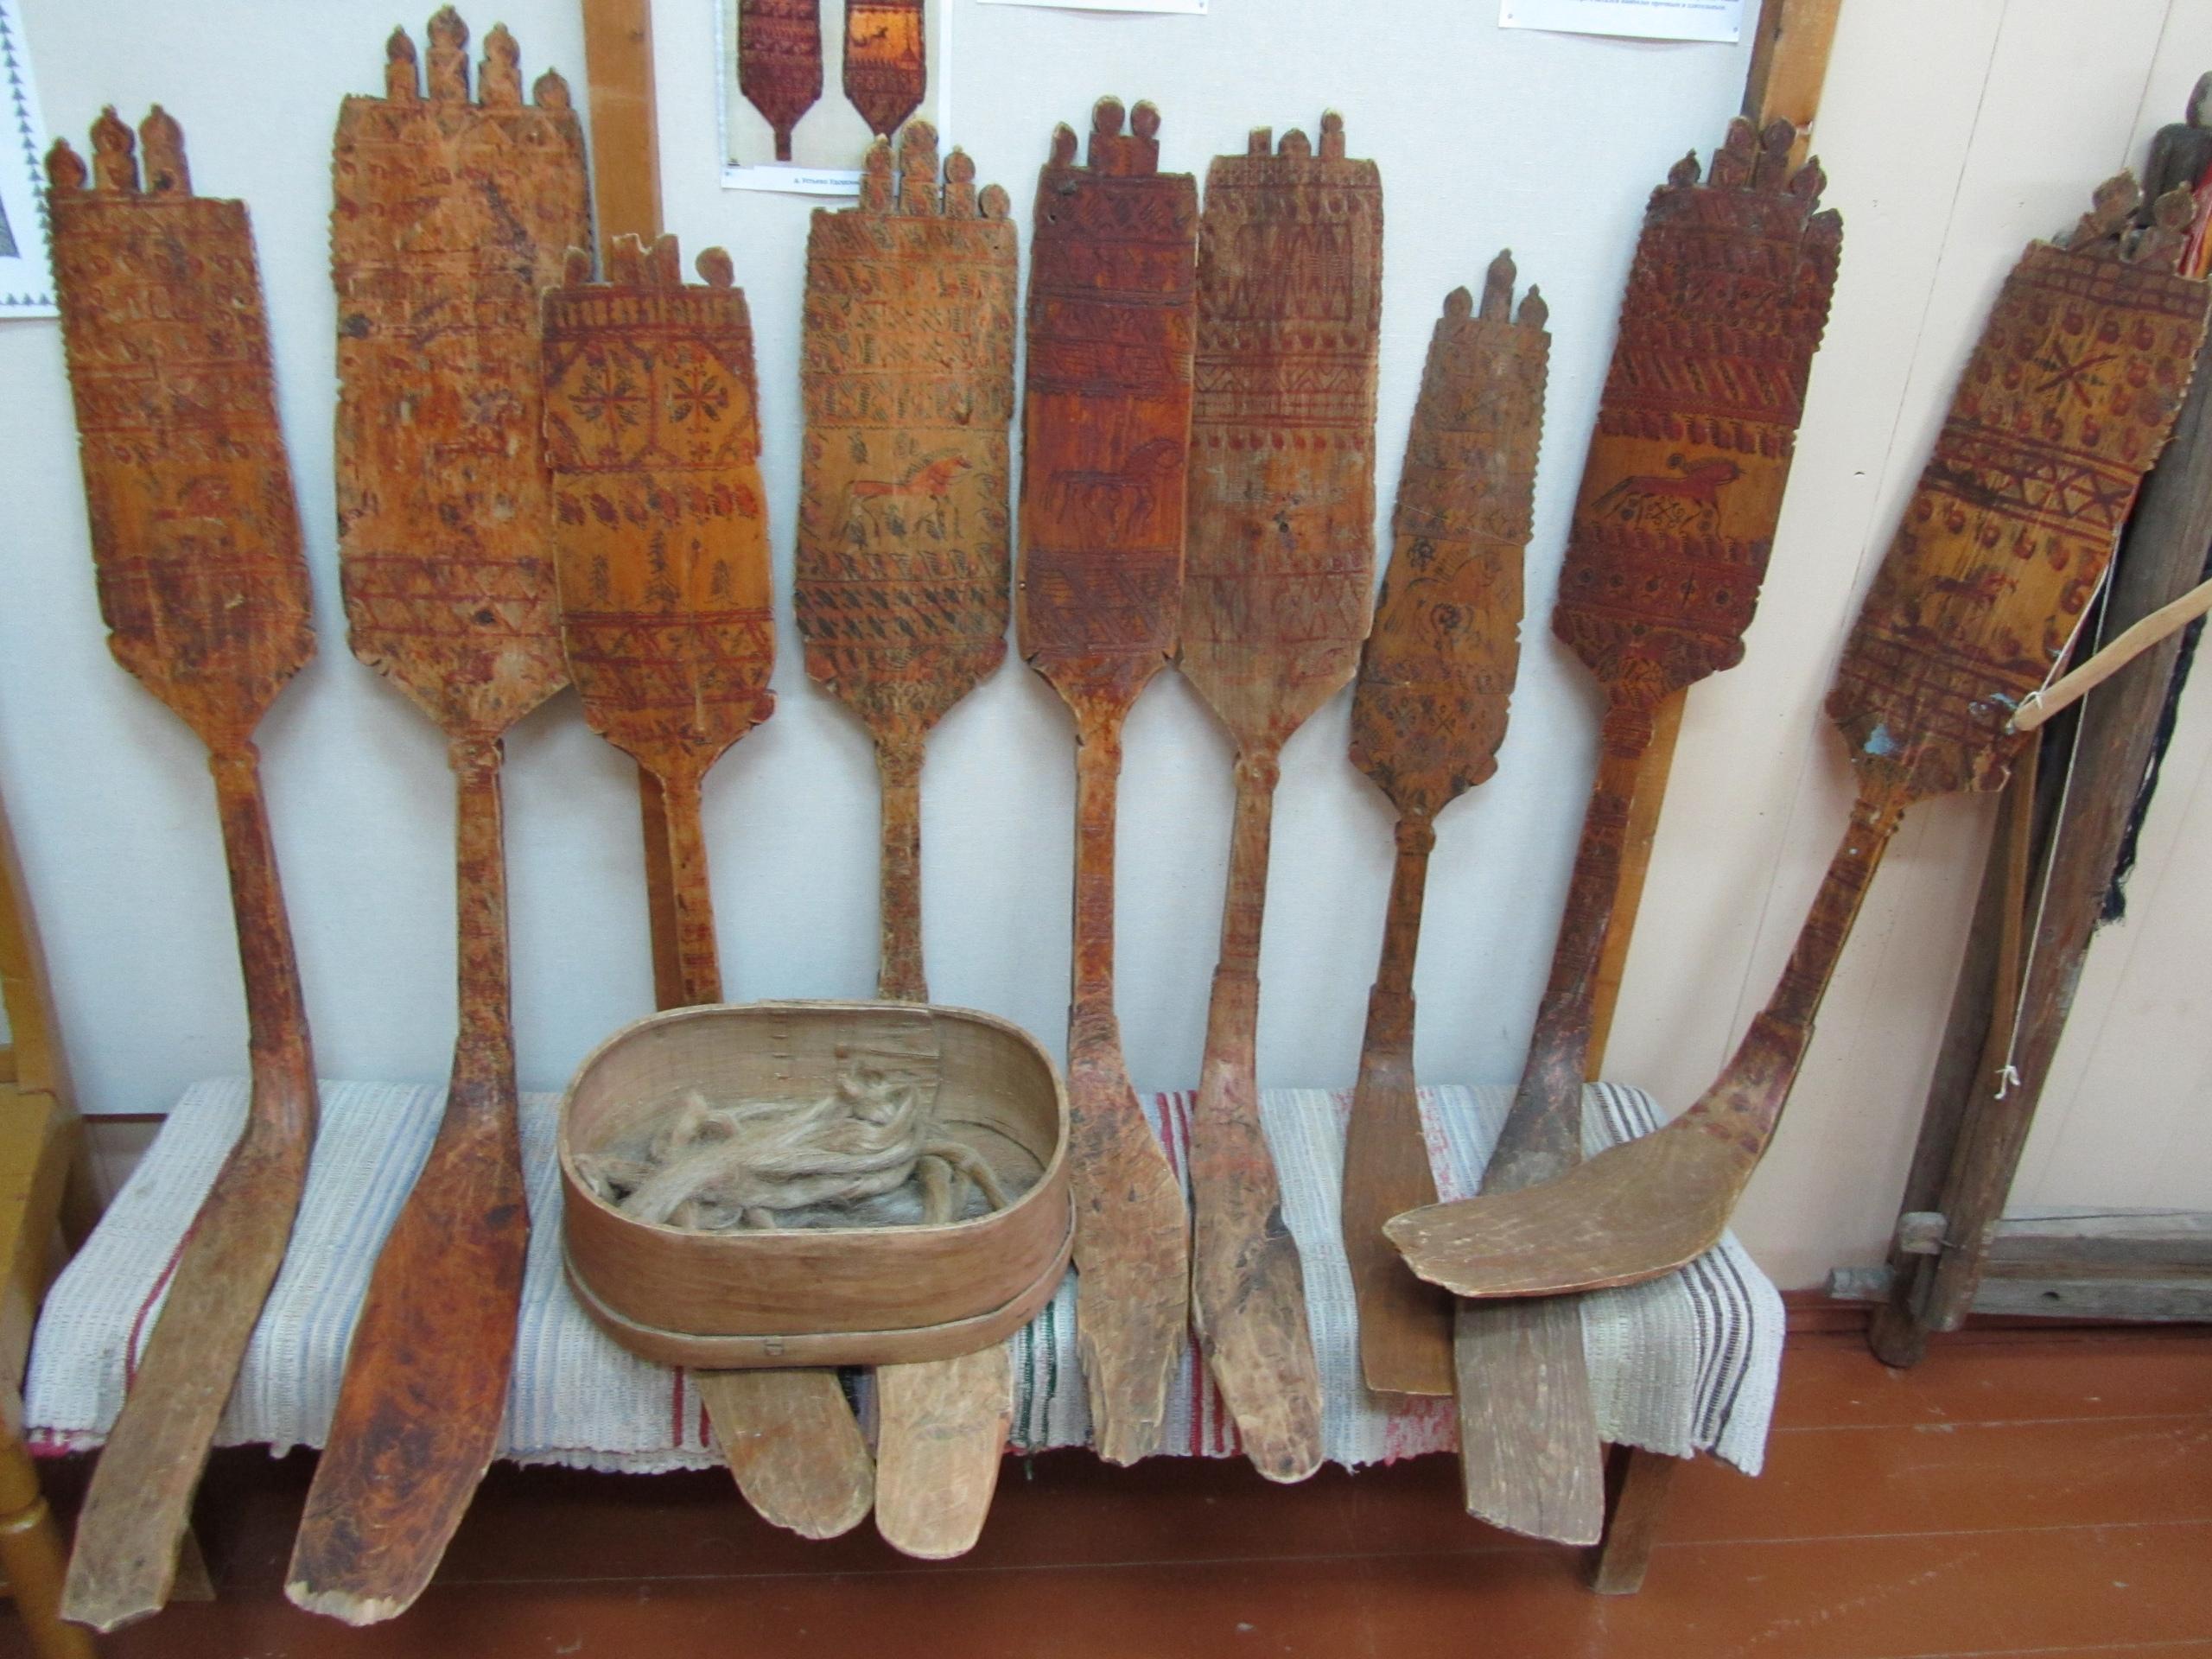 Прялки в краеведческом музее в Усть-Вымь